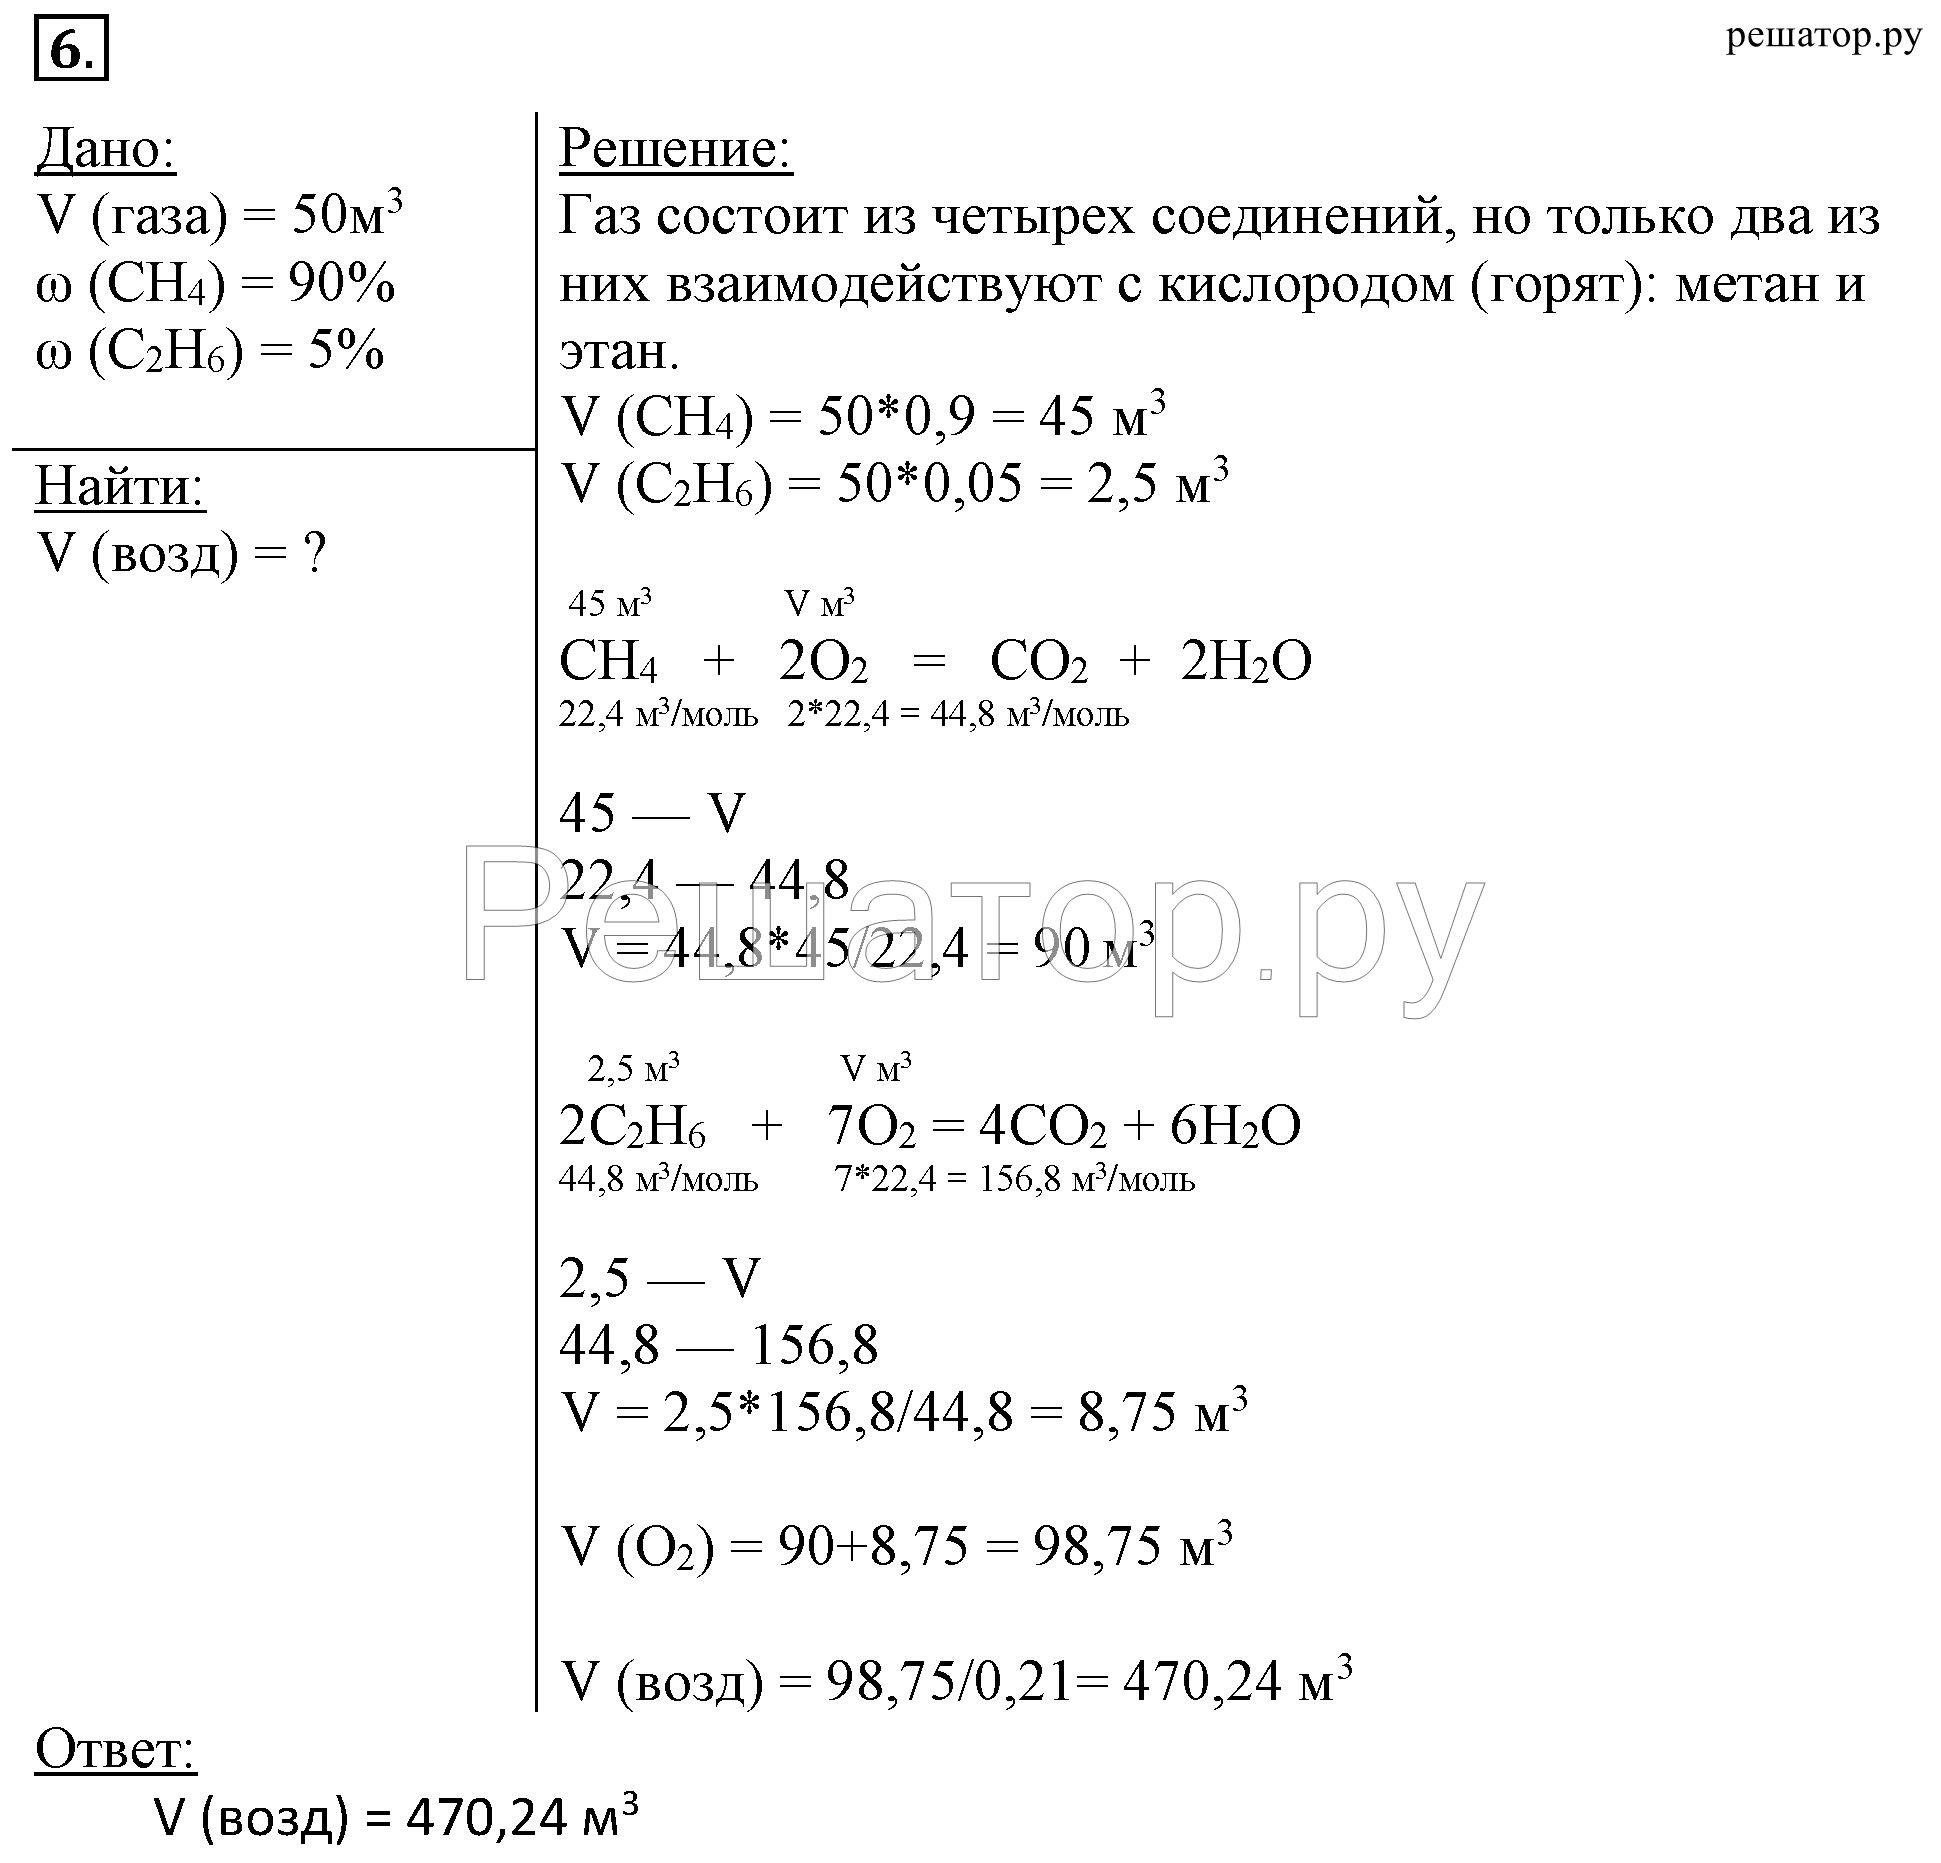 Гдз по химии 9 класс рудзитис и фельдман онлайн